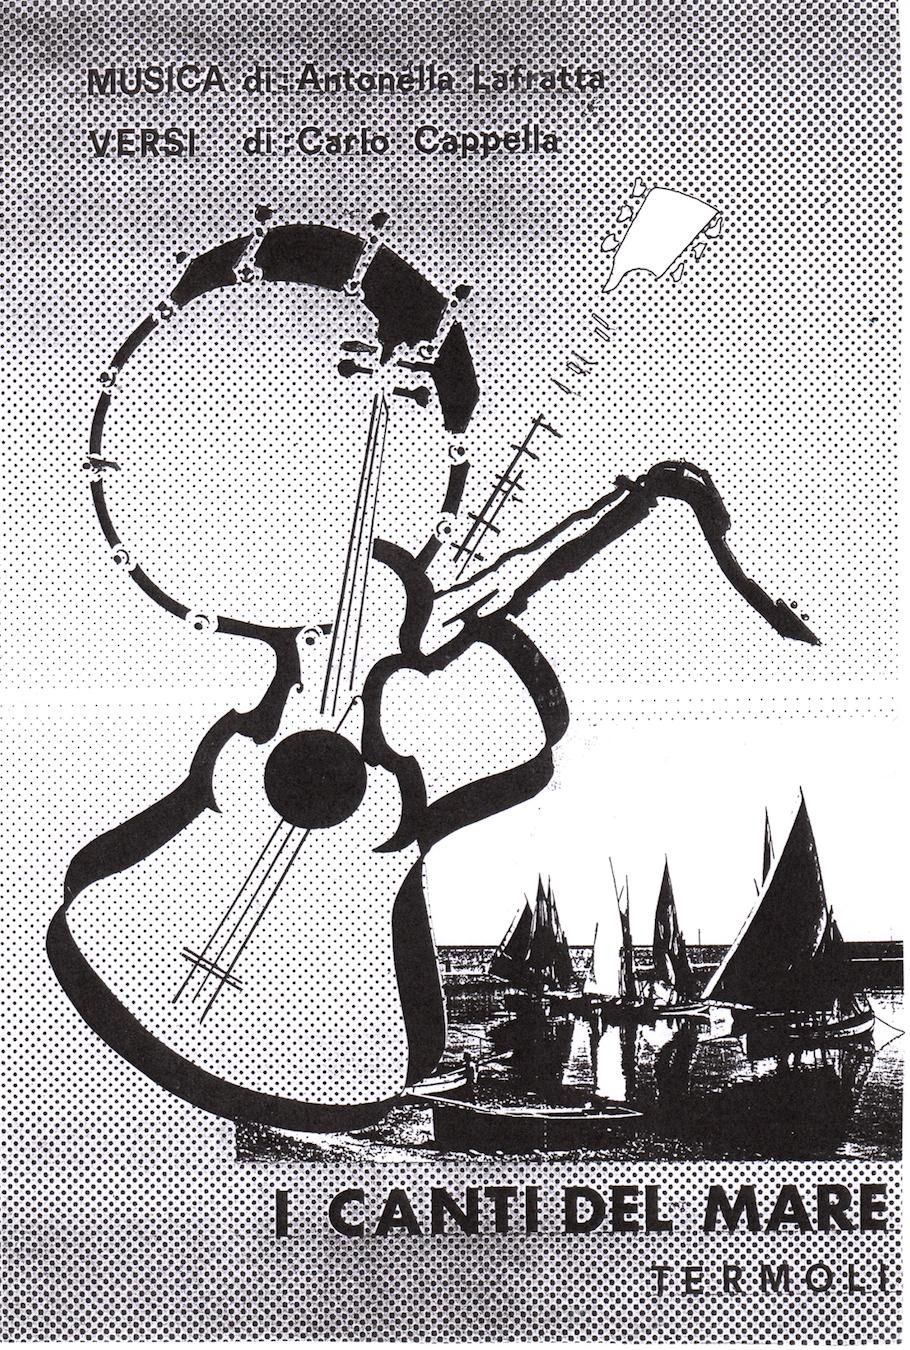 I CANTI DEL MARE - 1988